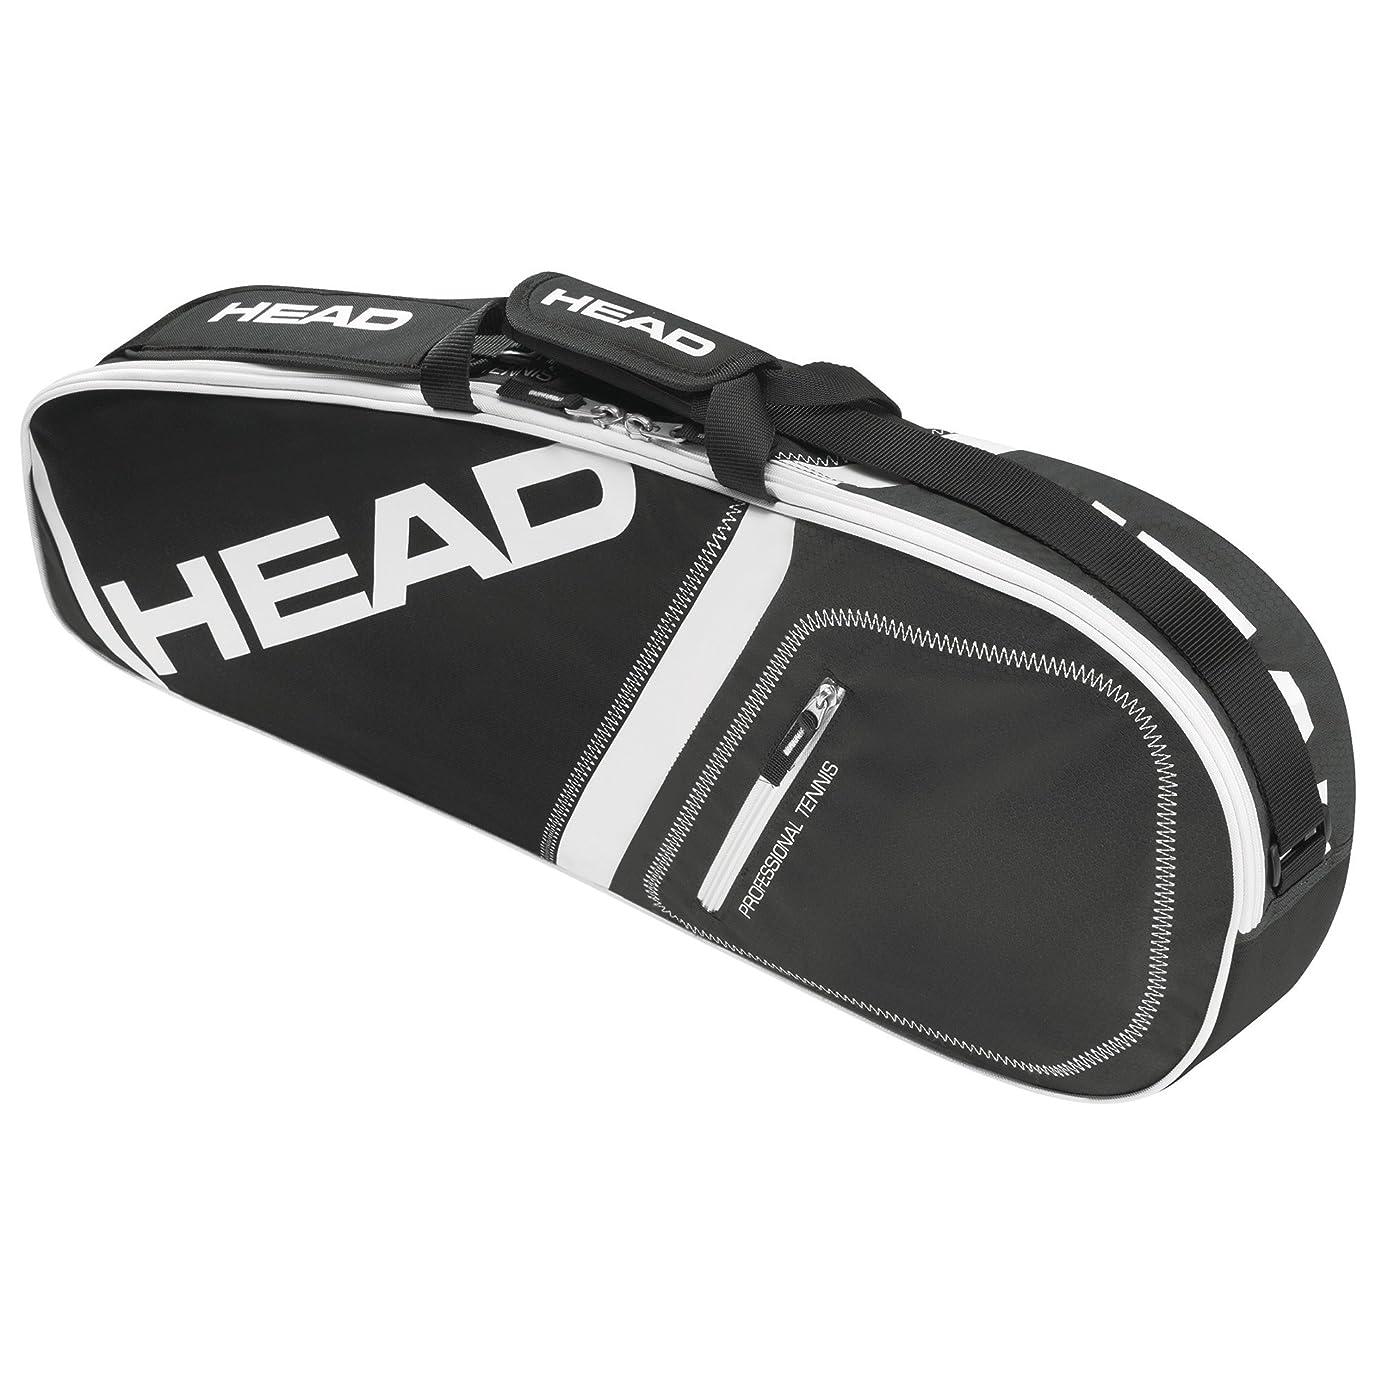 起きる国籍悲しいことに(ヘッド) HEAD テニス バッグ CORE 3R PRO ラケットバッグ メンズ . ブラック